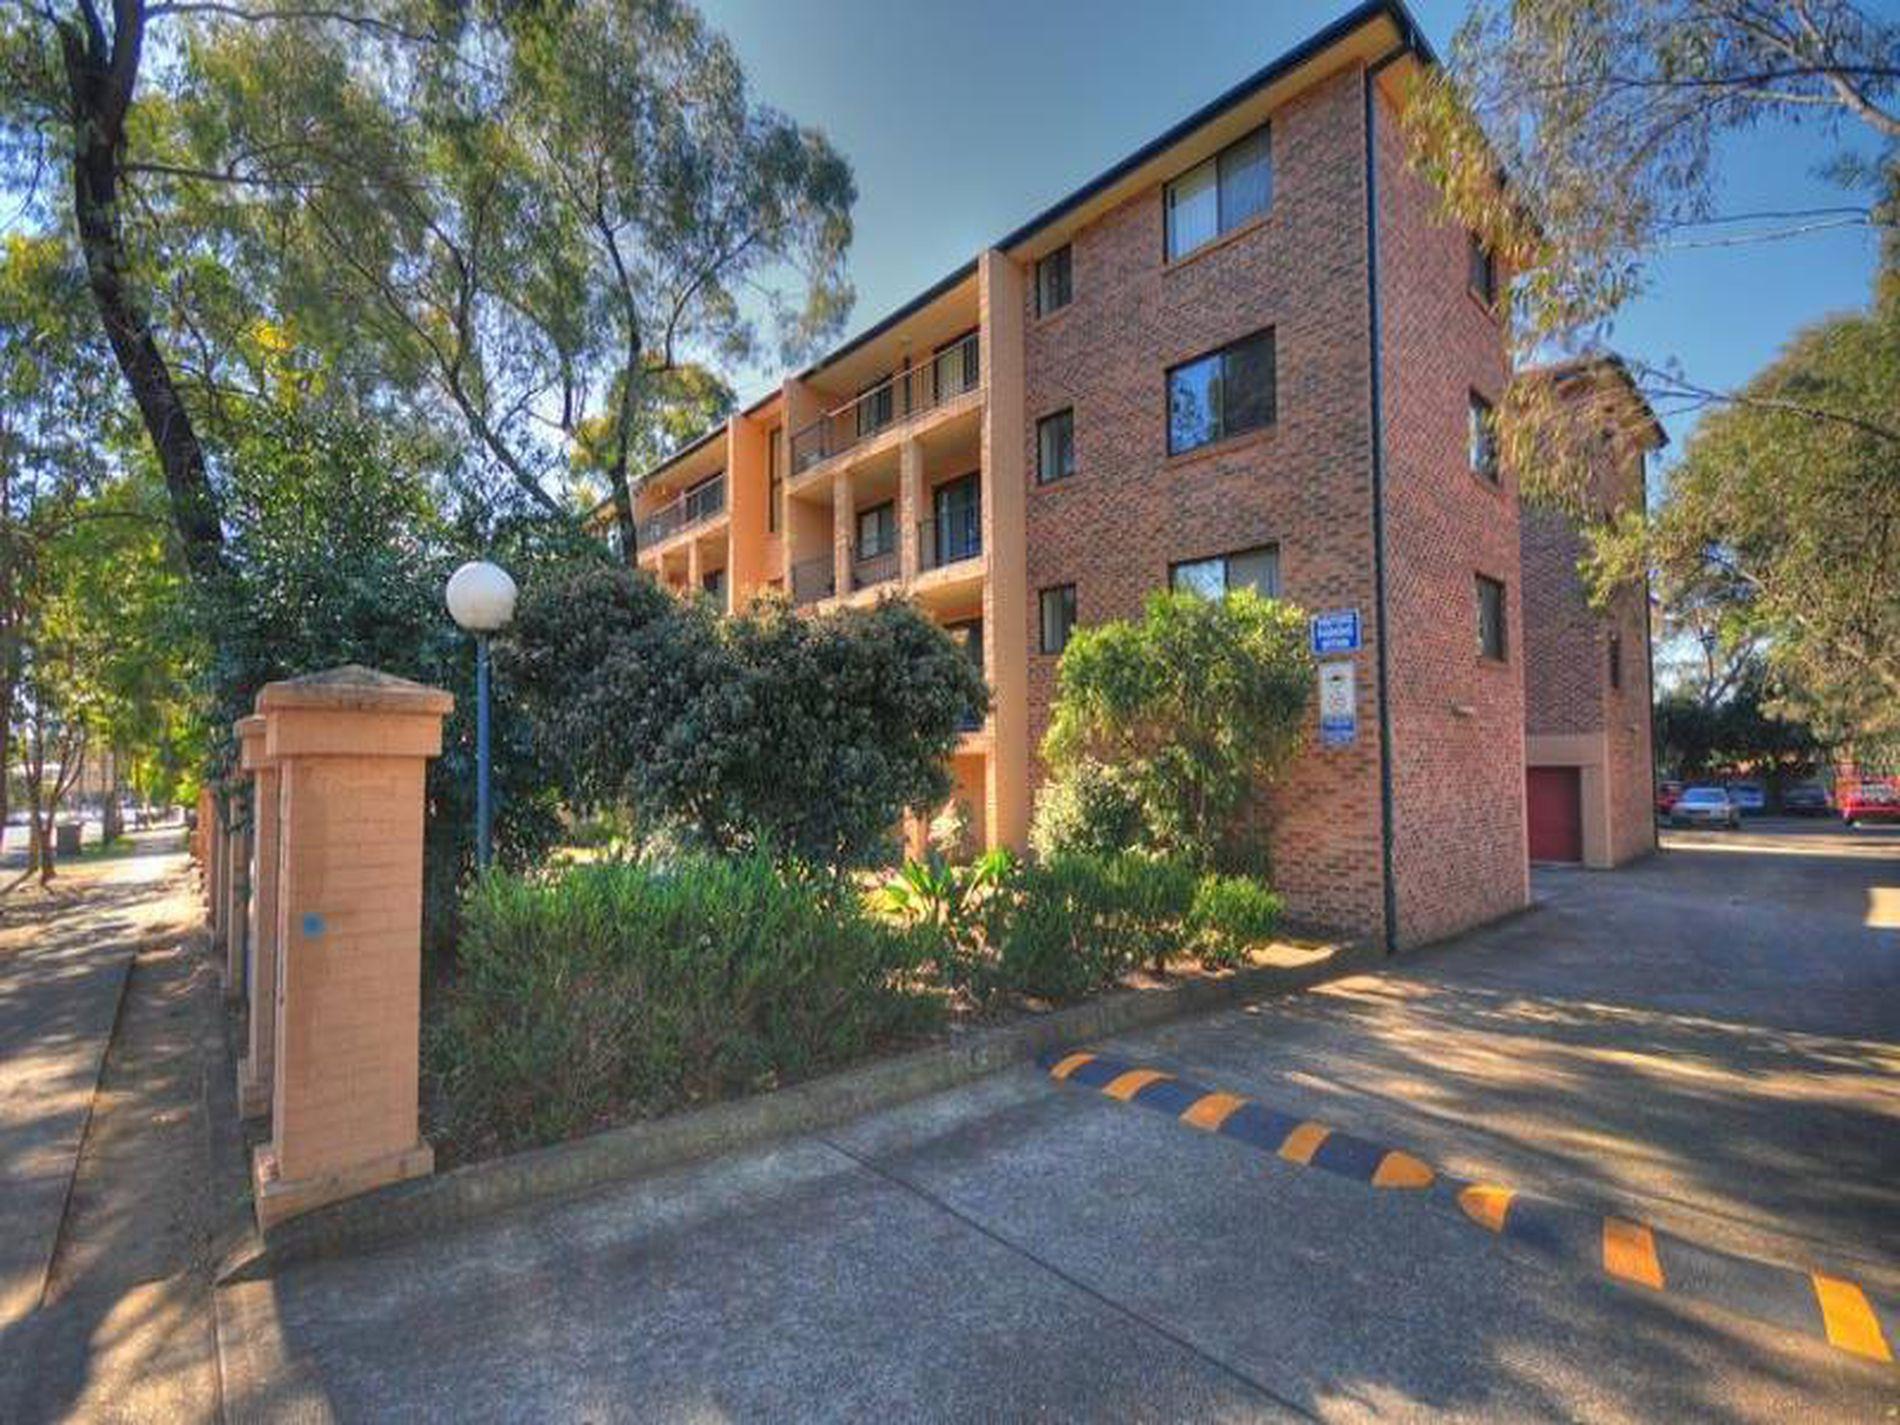 10 / 227-231 Targo Road,  Girraween NSW 2145, Toongabbie